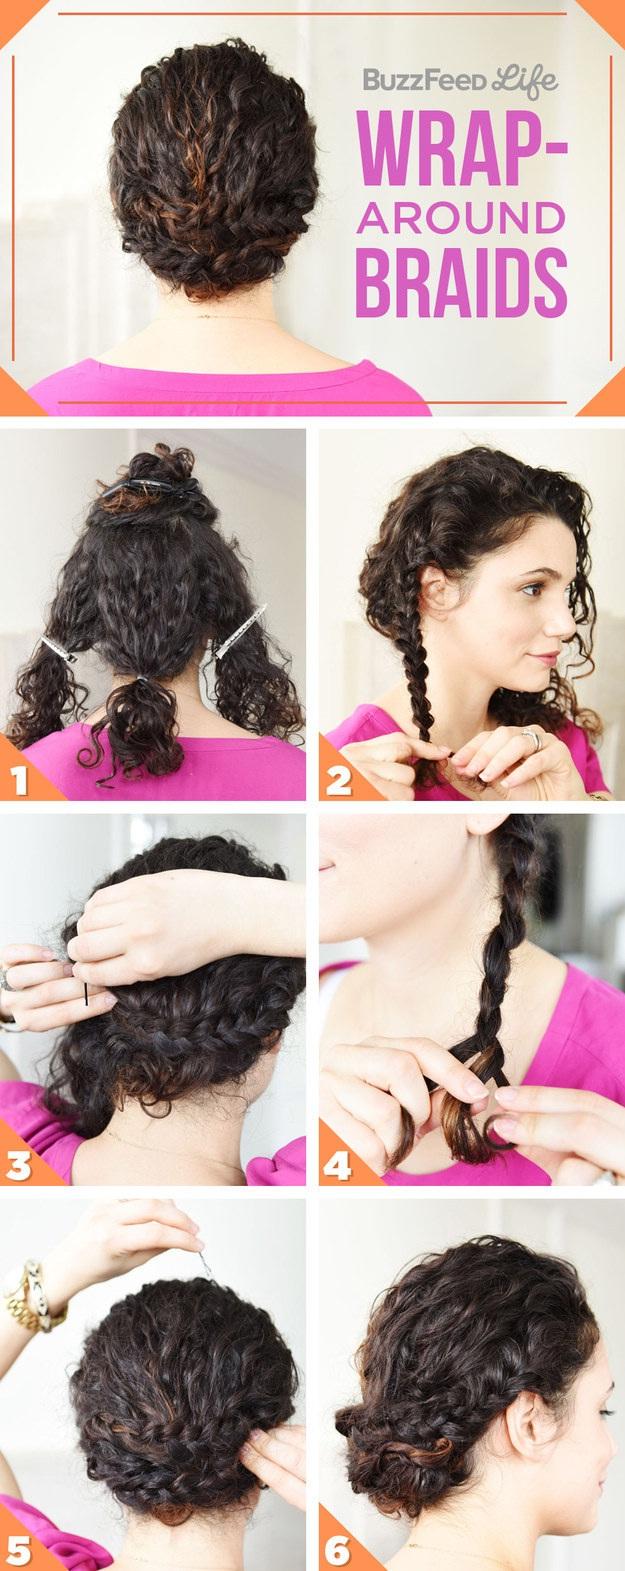 Coiffures-Pratiques-Sur-Cheveux-Bouclés-1